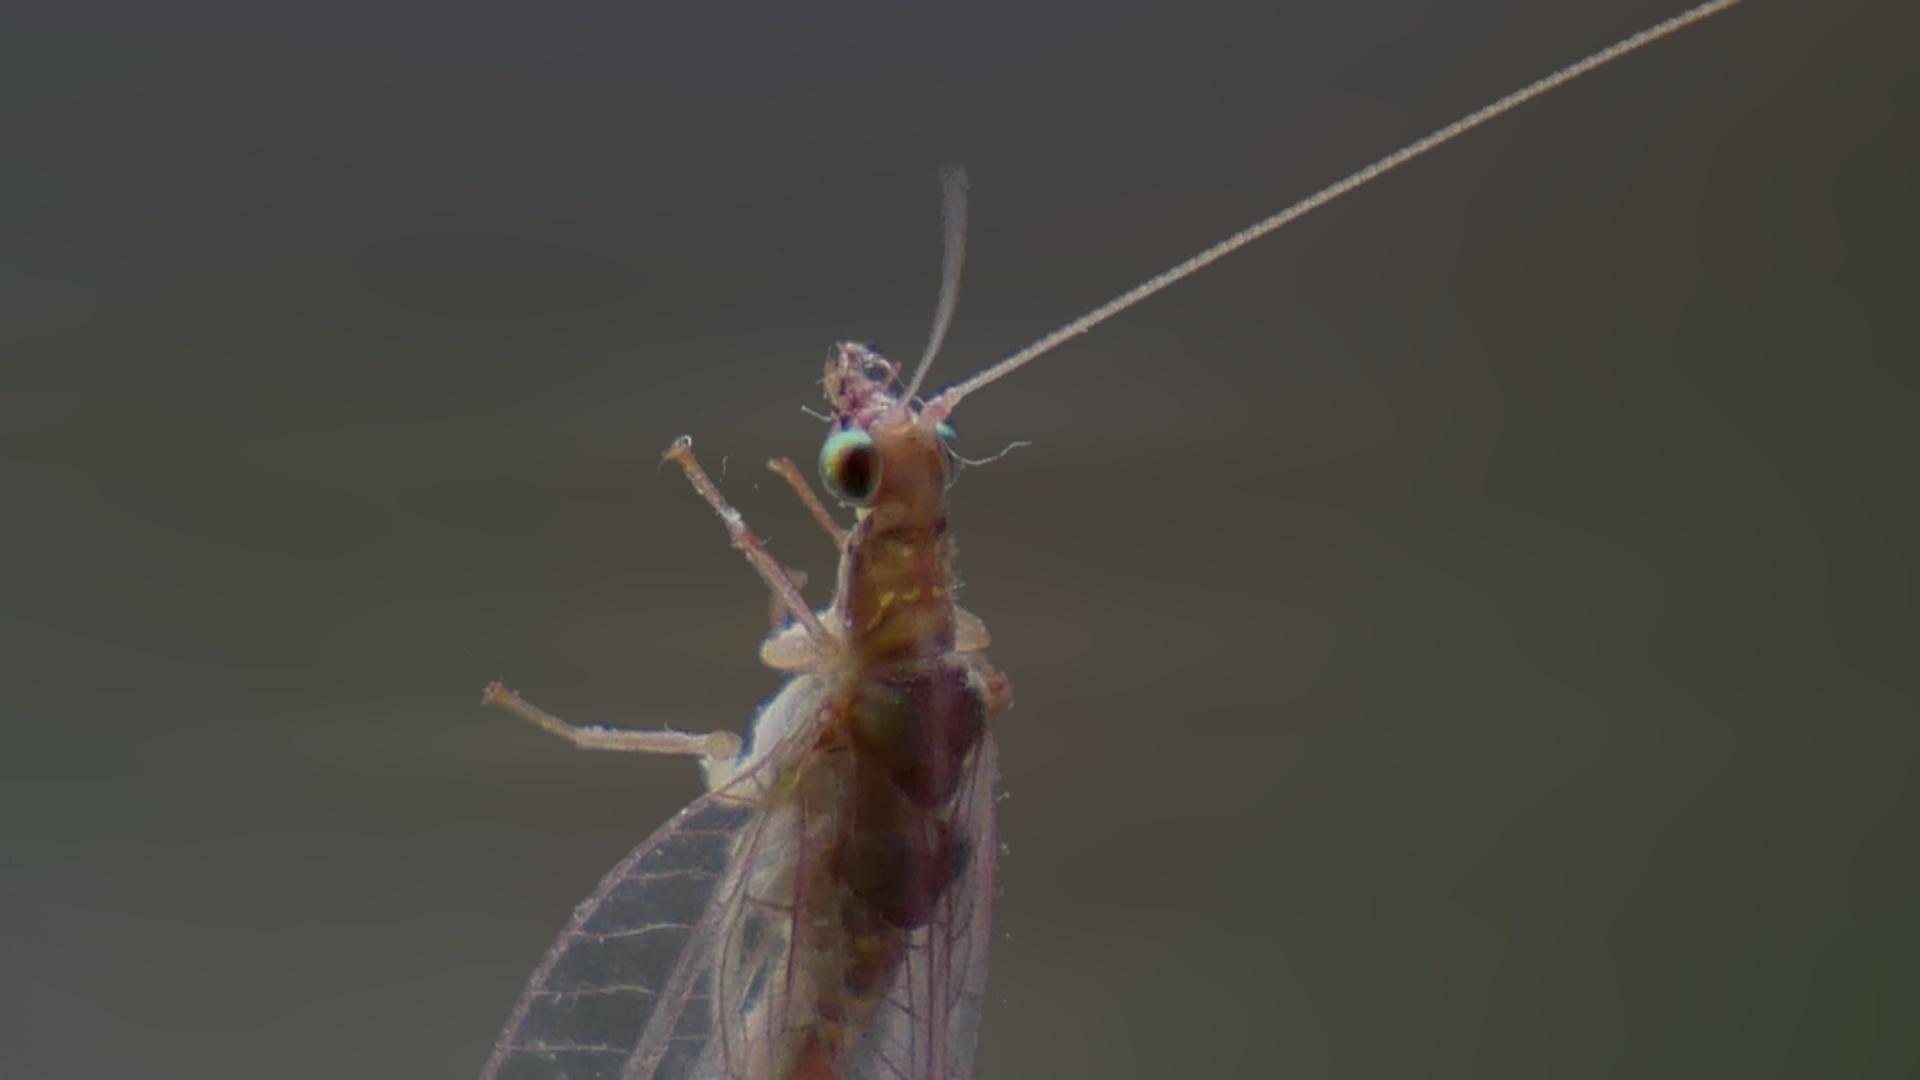 Parazita háttérkép Les paraziták vakarja a zenét - Parazita a háttérképen